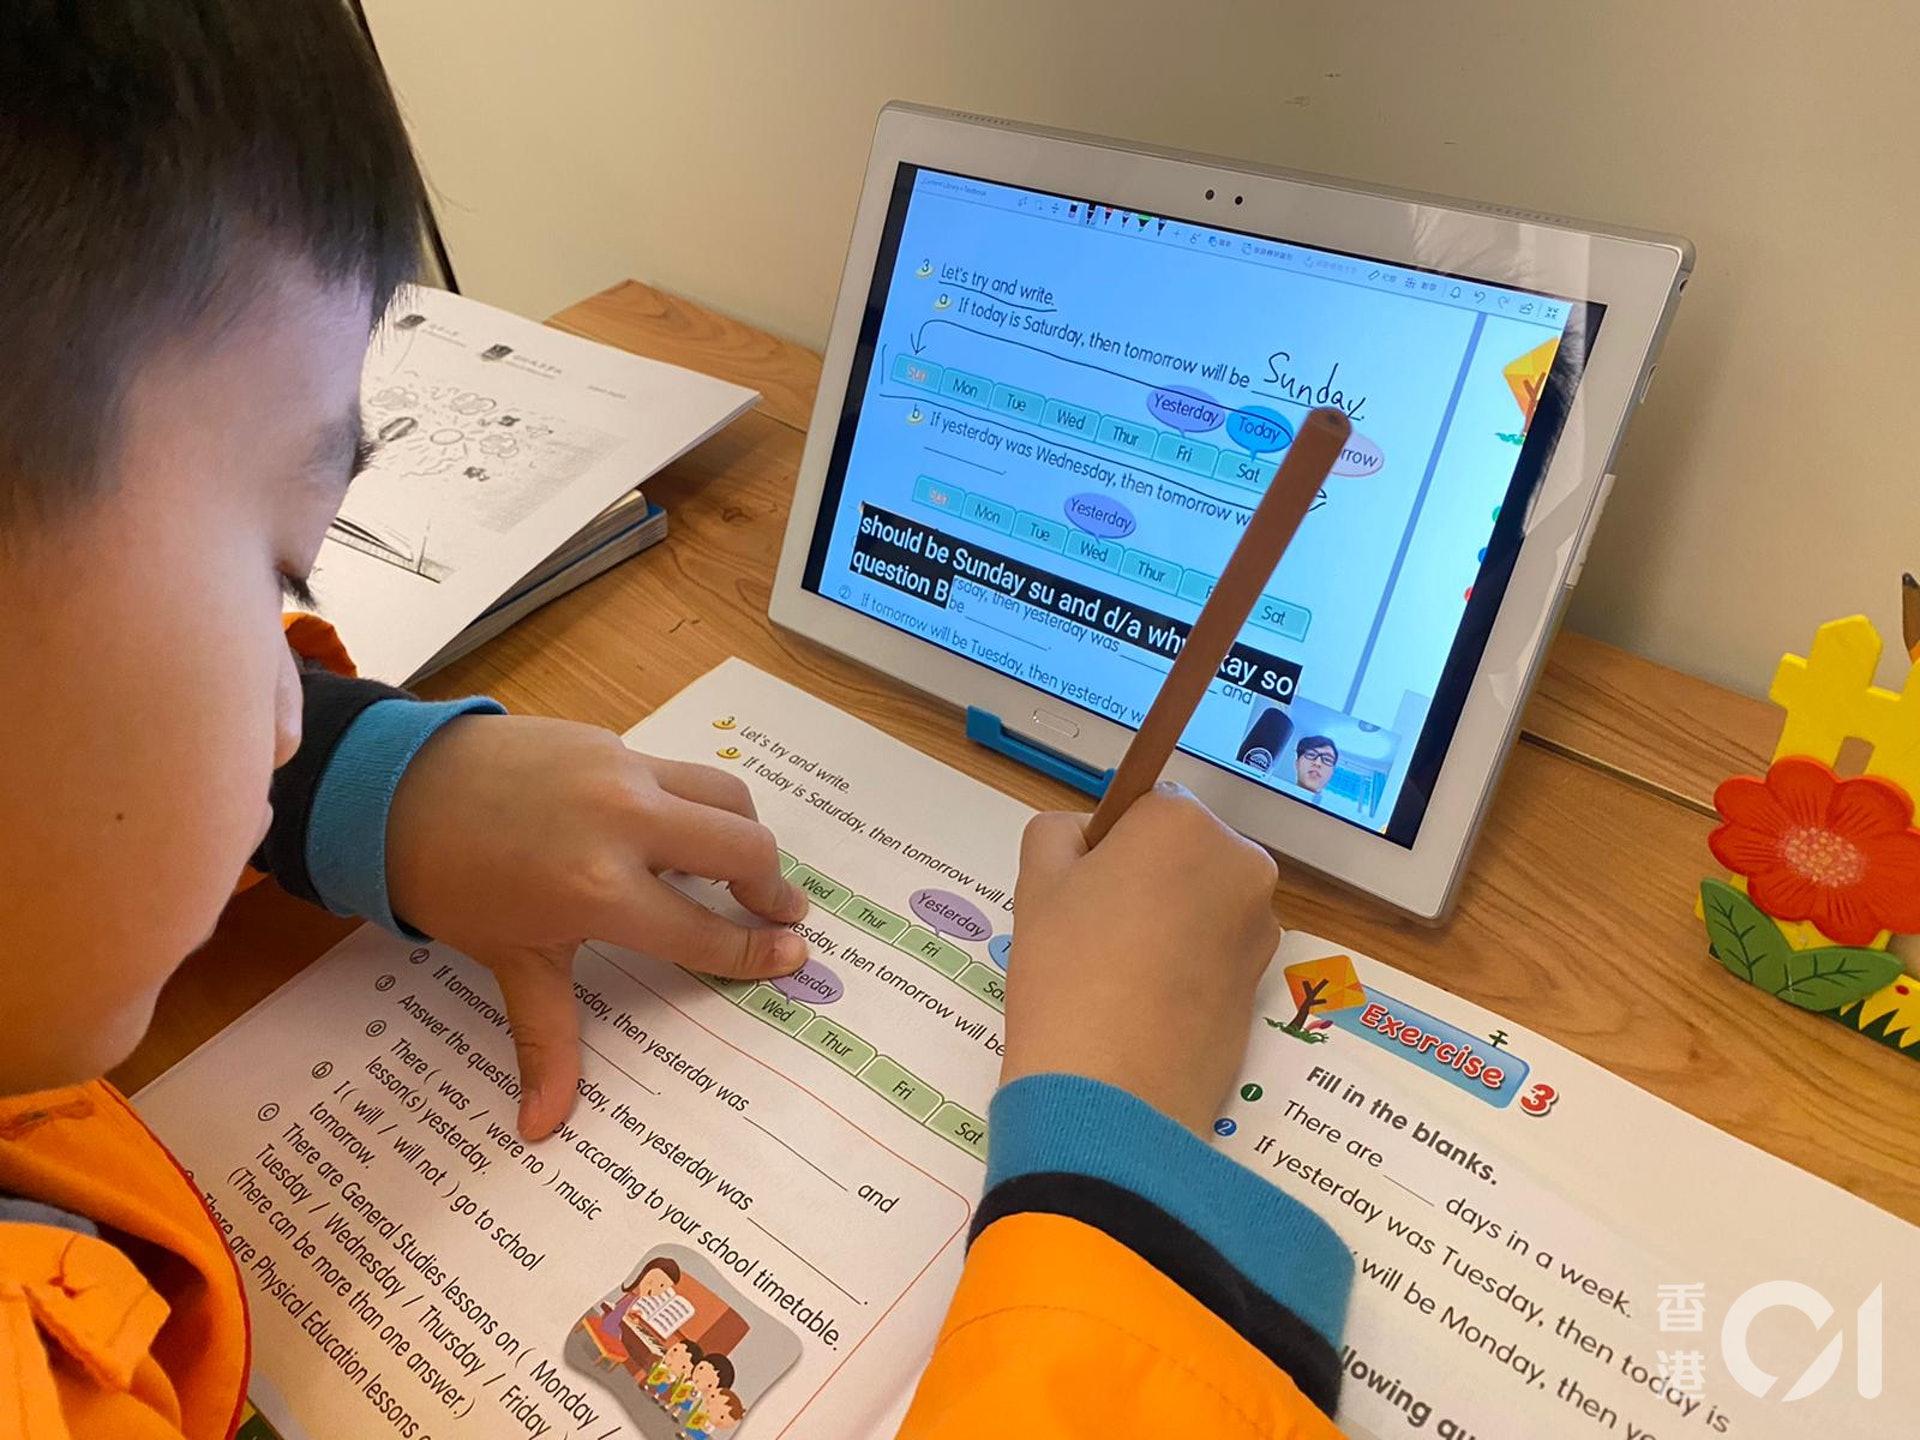 學生可以按照自己的學習進度,重複收看老師預錄的教學片段。(圖片由受訪者提供)